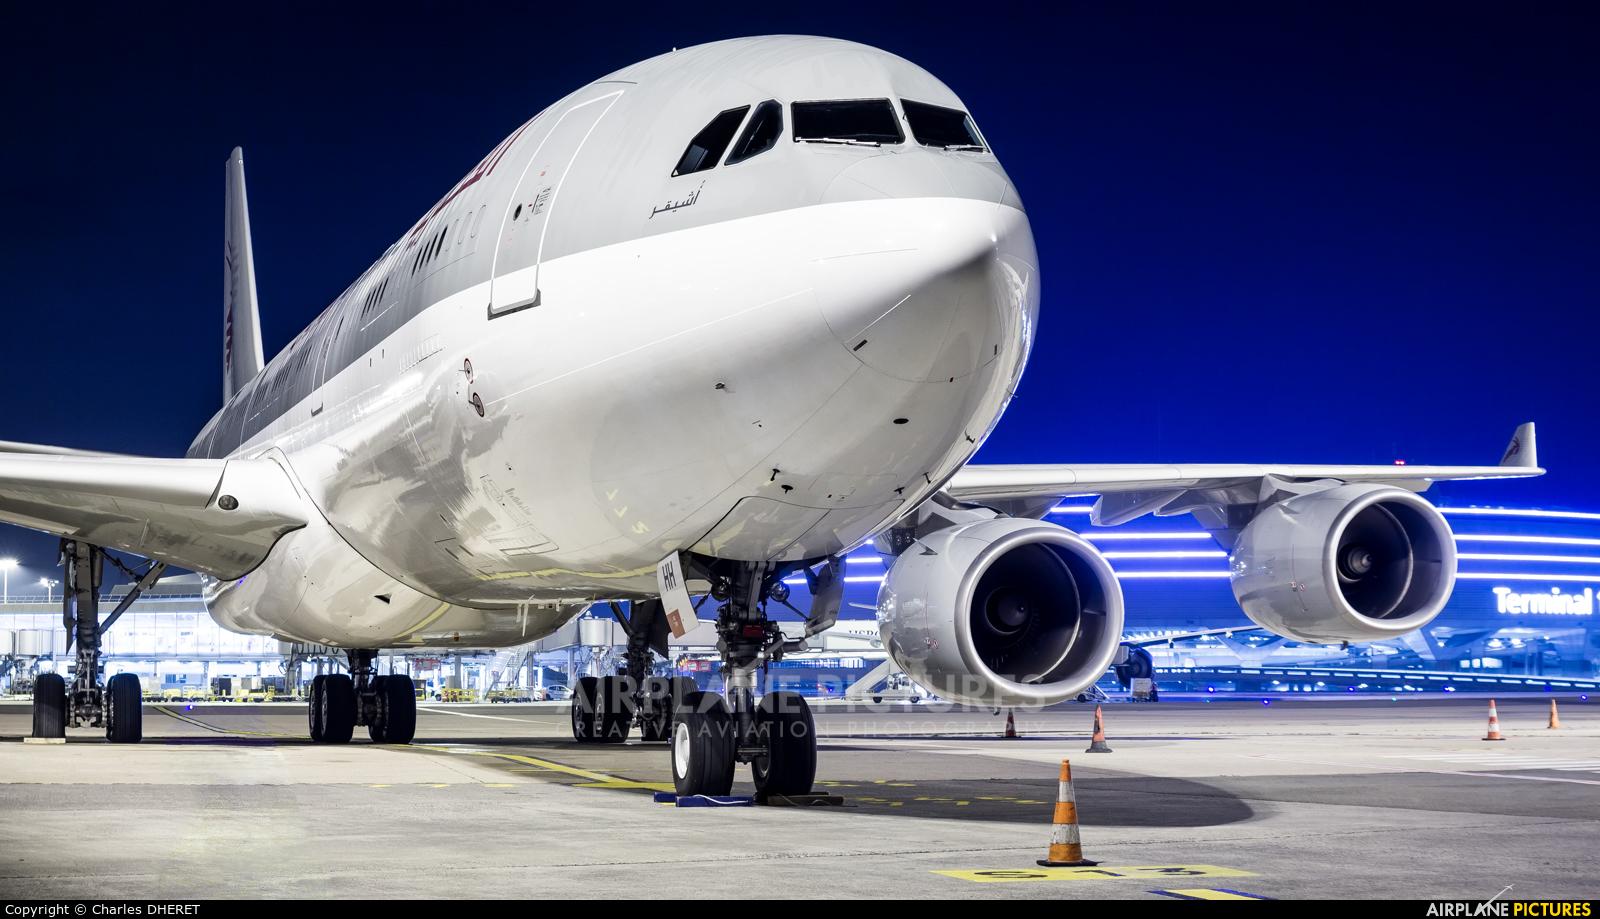 Qatar Amiri Flight A7-HHH aircraft at Paris - Charles de Gaulle